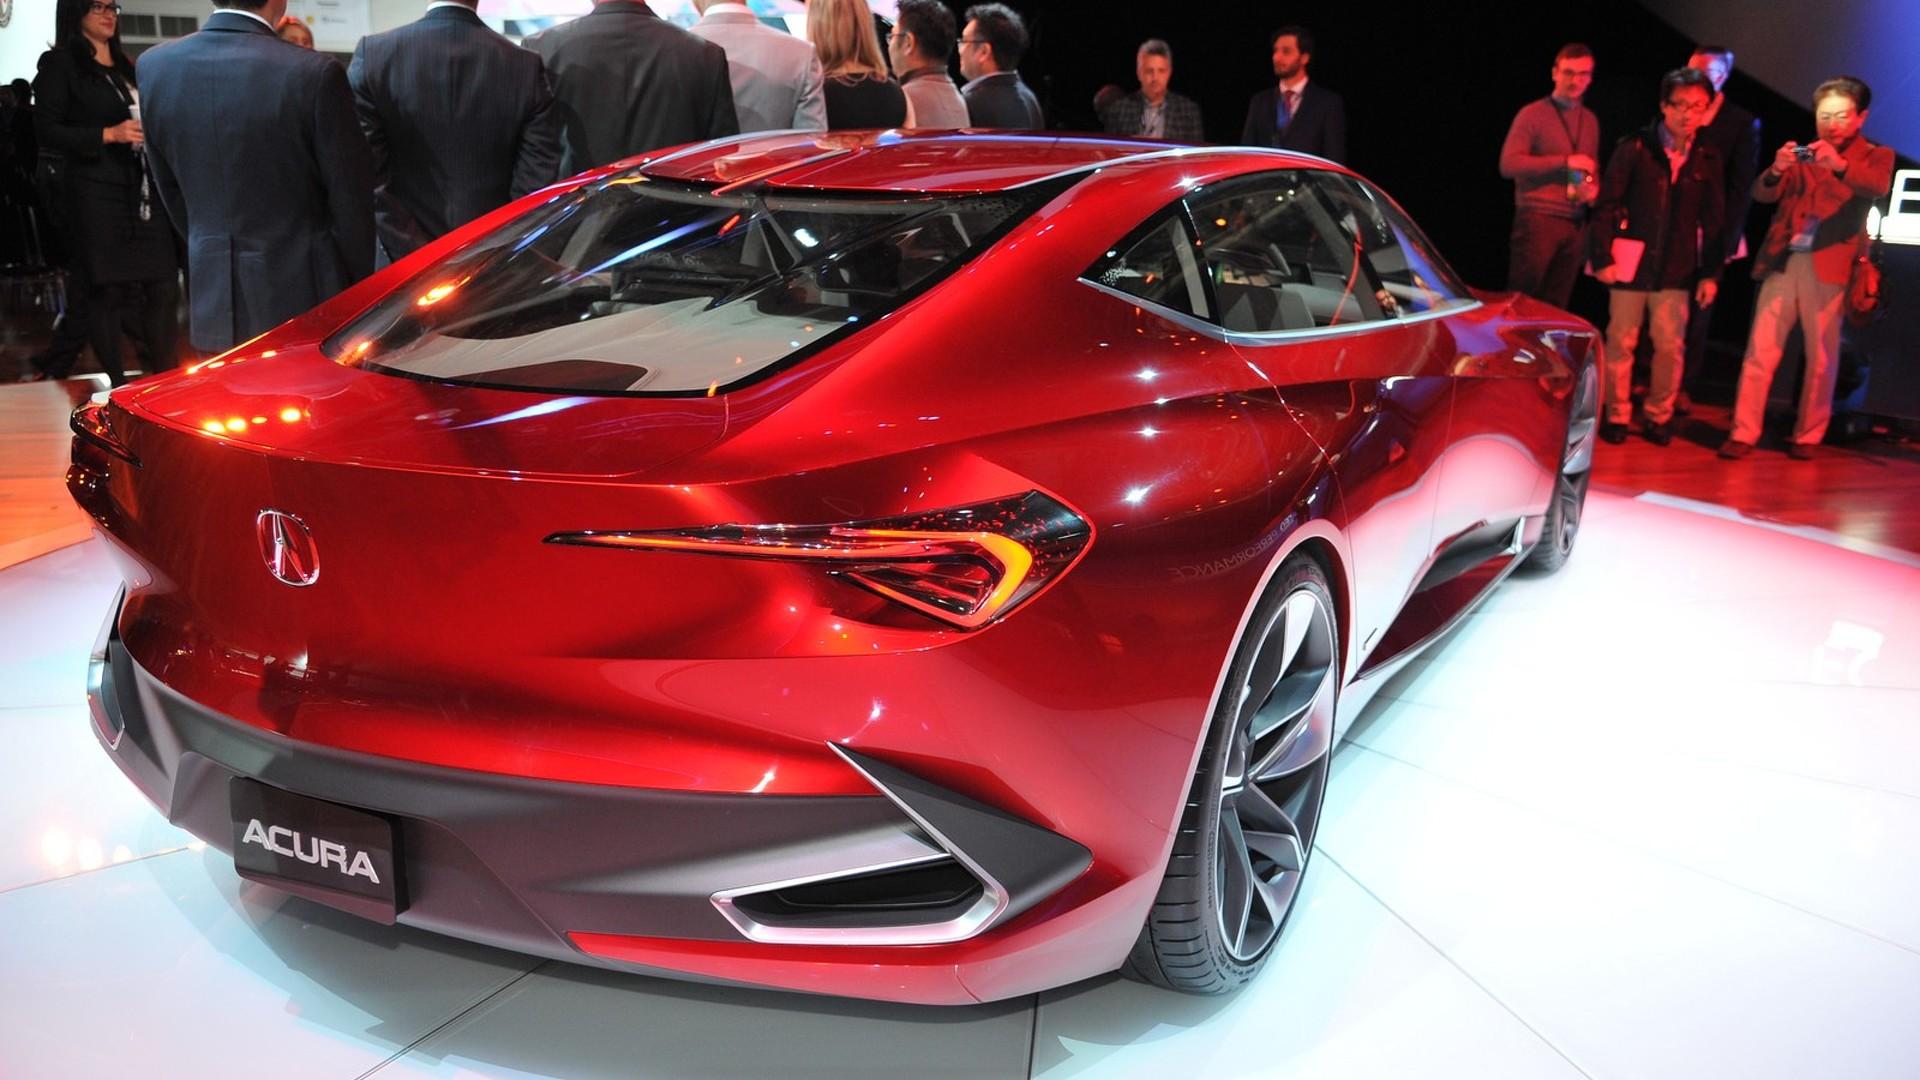 Acura выпустит четырехдверный суперкар 2